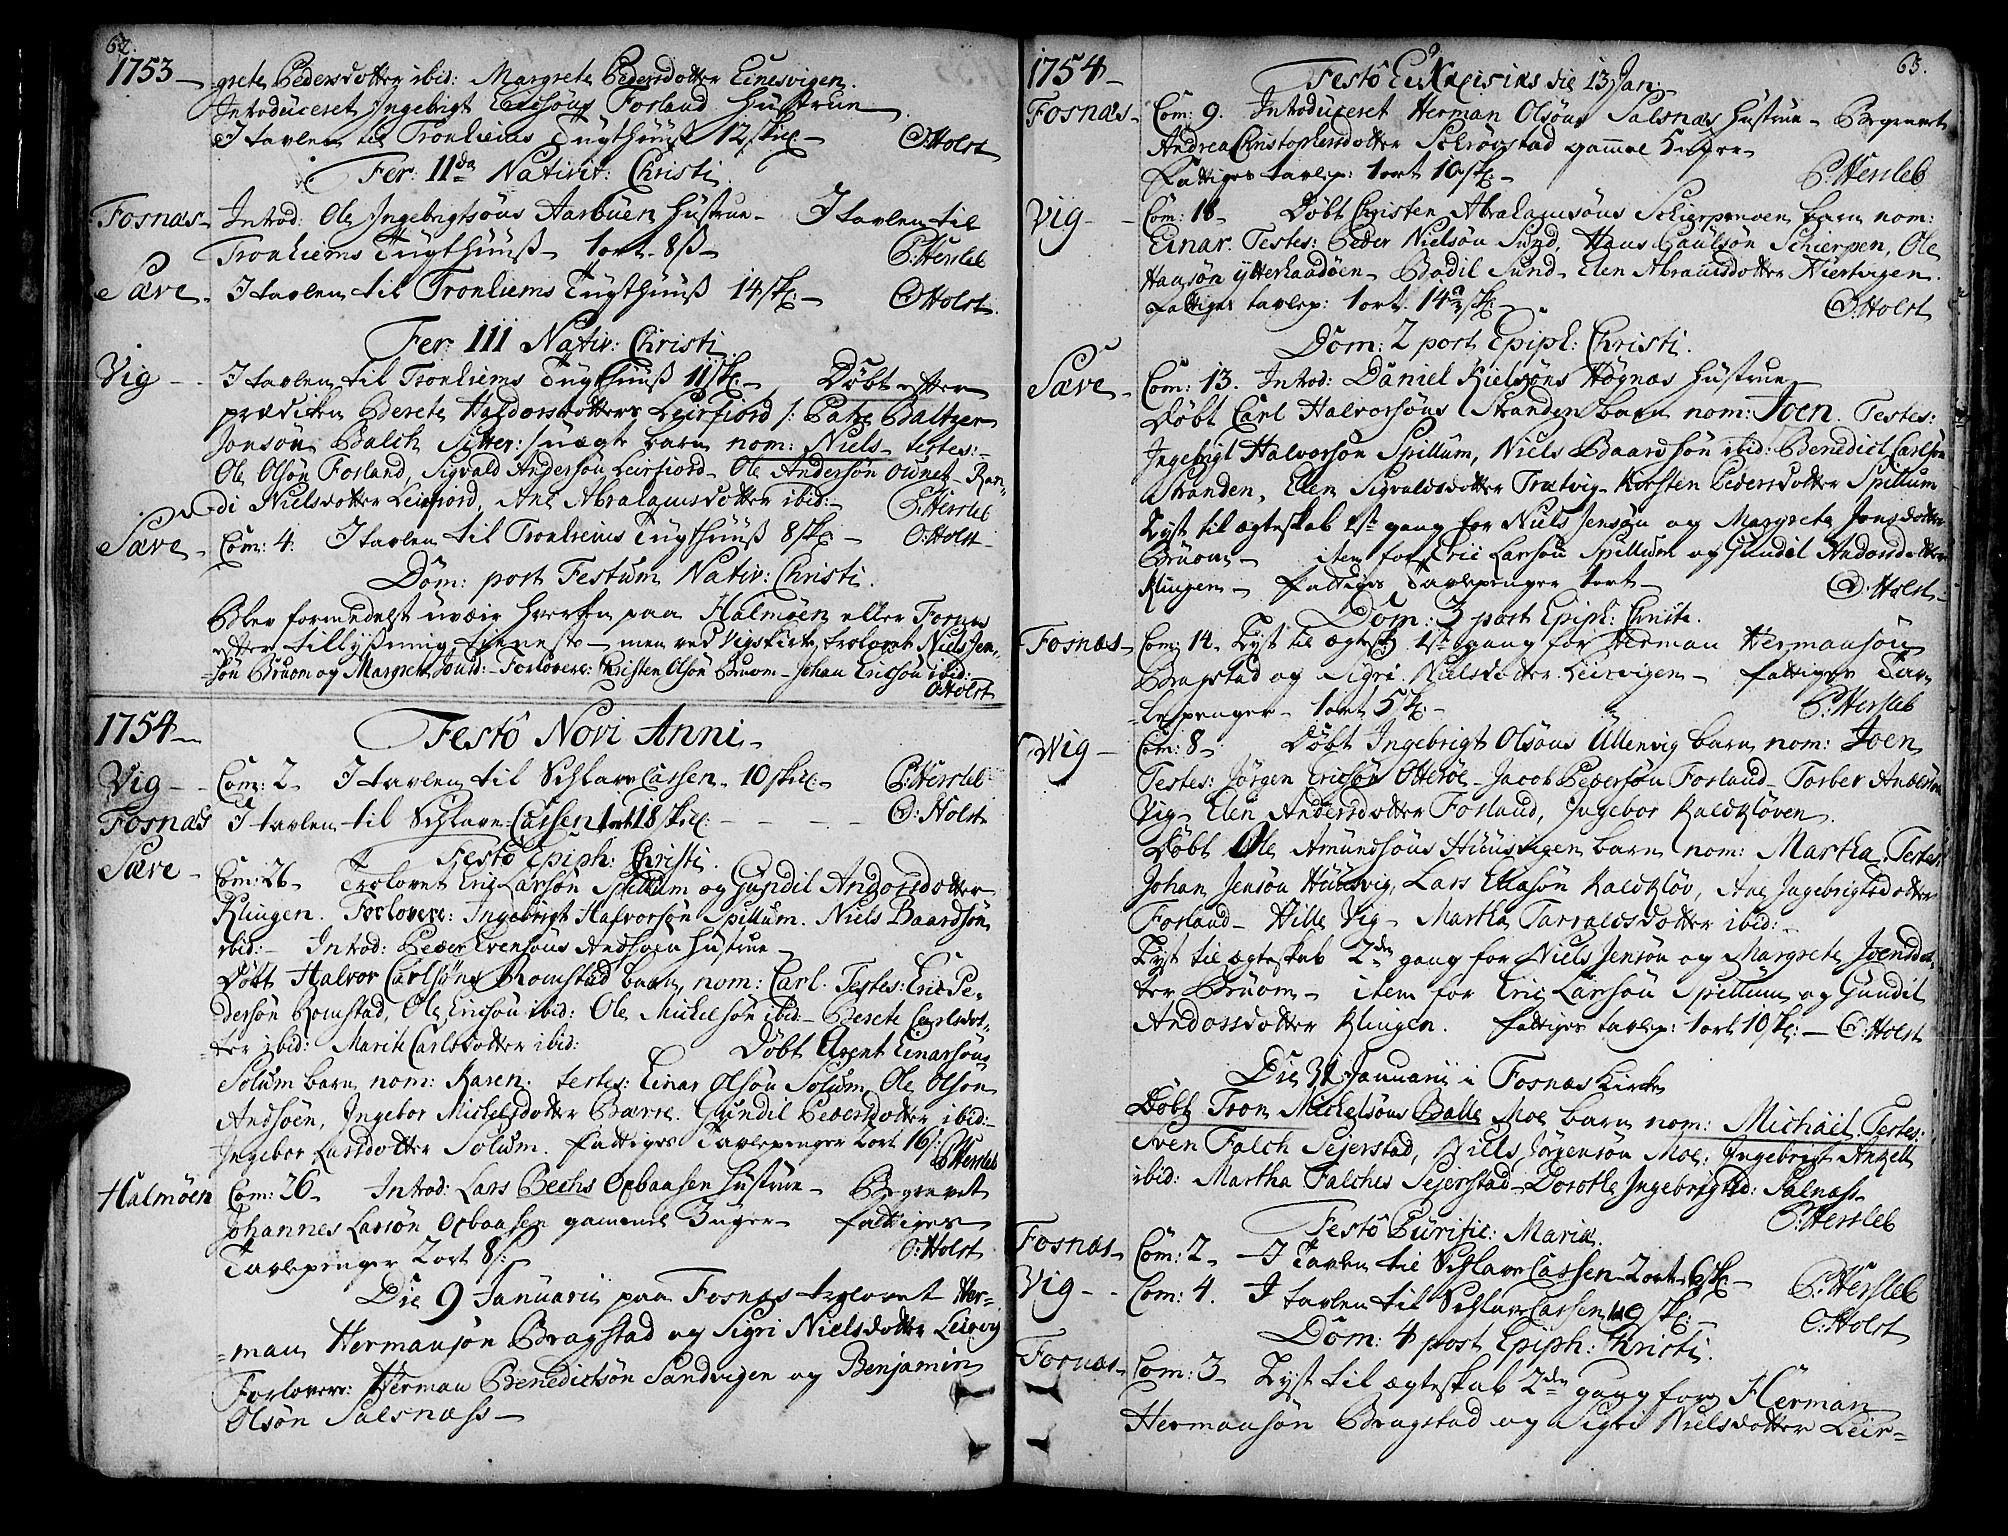 SAT, Ministerialprotokoller, klokkerbøker og fødselsregistre - Nord-Trøndelag, 773/L0607: Ministerialbok nr. 773A01, 1751-1783, s. 62-63